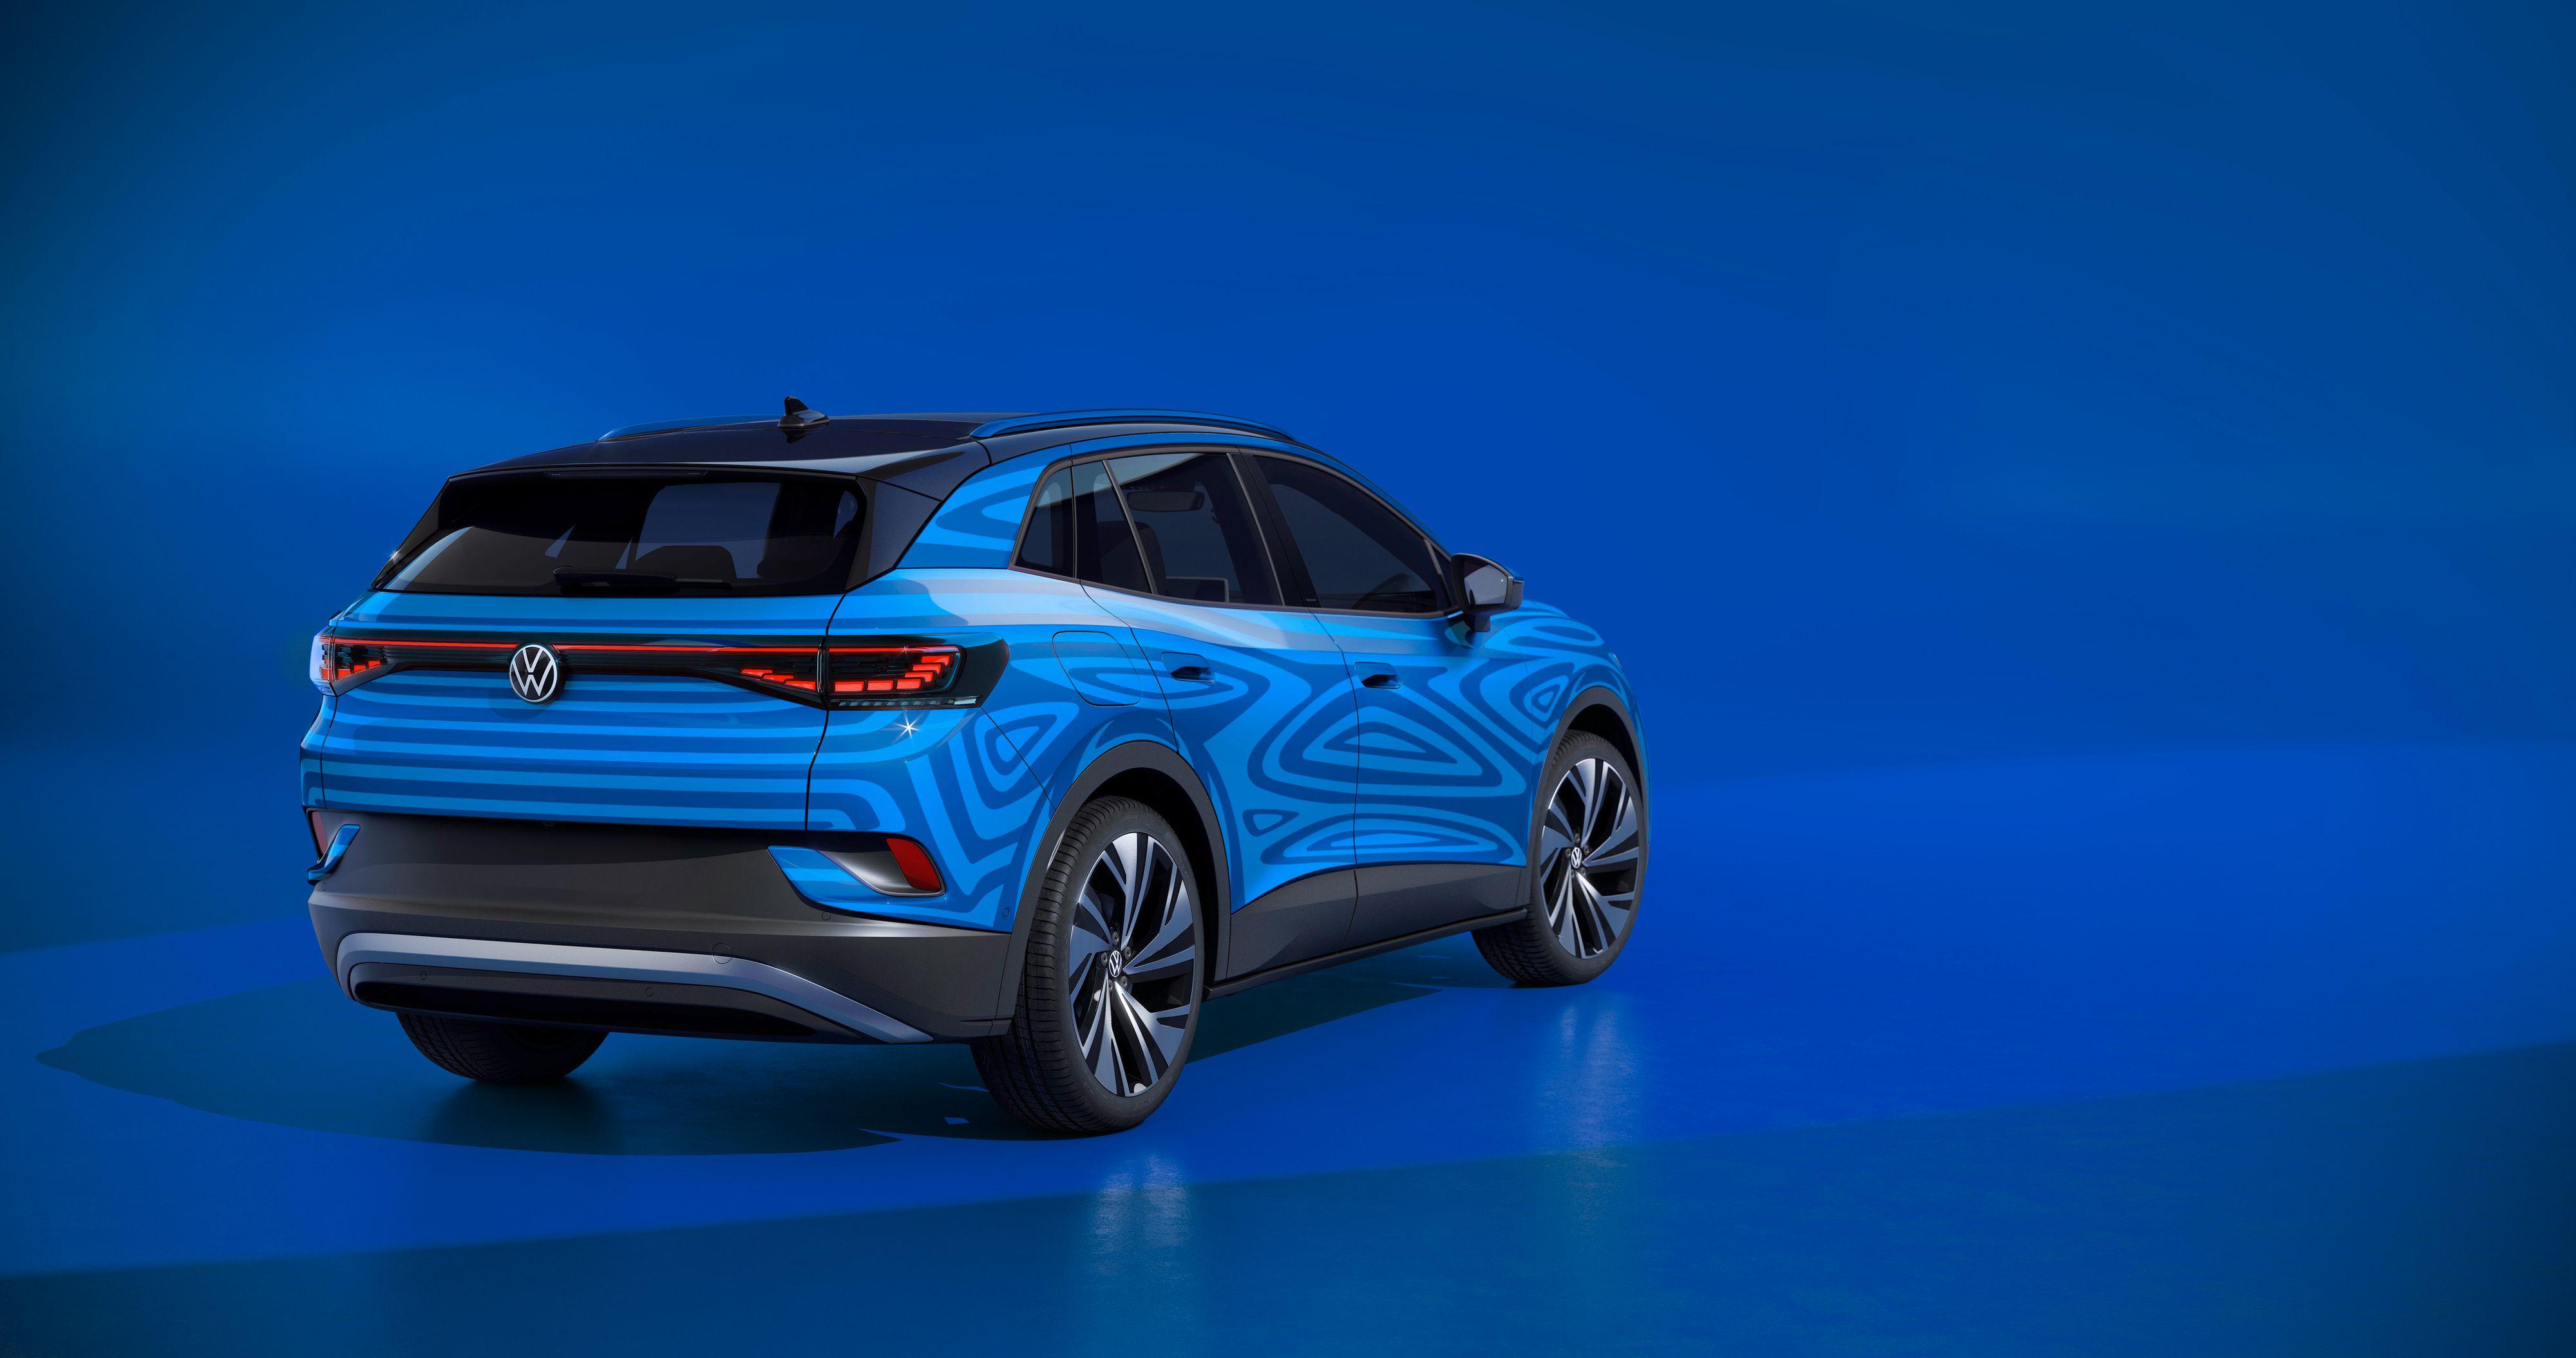 Volkswagens ID.4 vil møte tøff konkurranse. Kompakt-SUV-segmentet er et hvor konkurrentene står i kø for å ta markedsandeler.